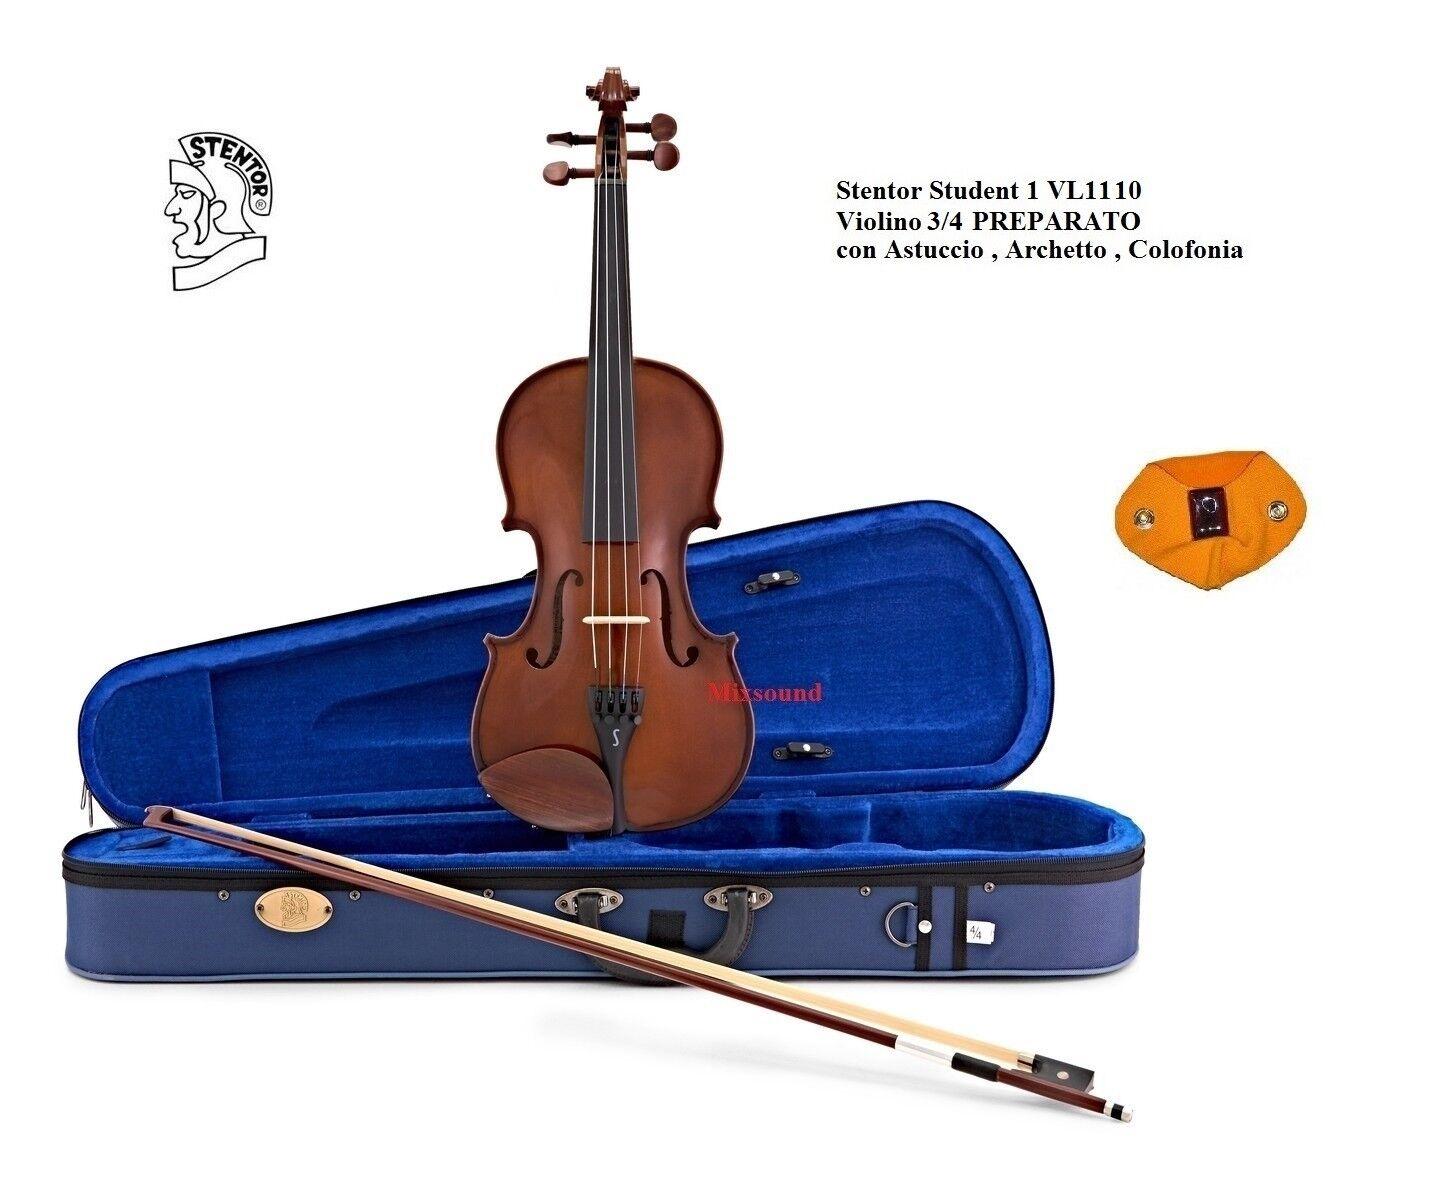 Violino STENTOR Student I misura 3 4 VL1110 PREPARATO CON CUSTODIA ARCO + PECE